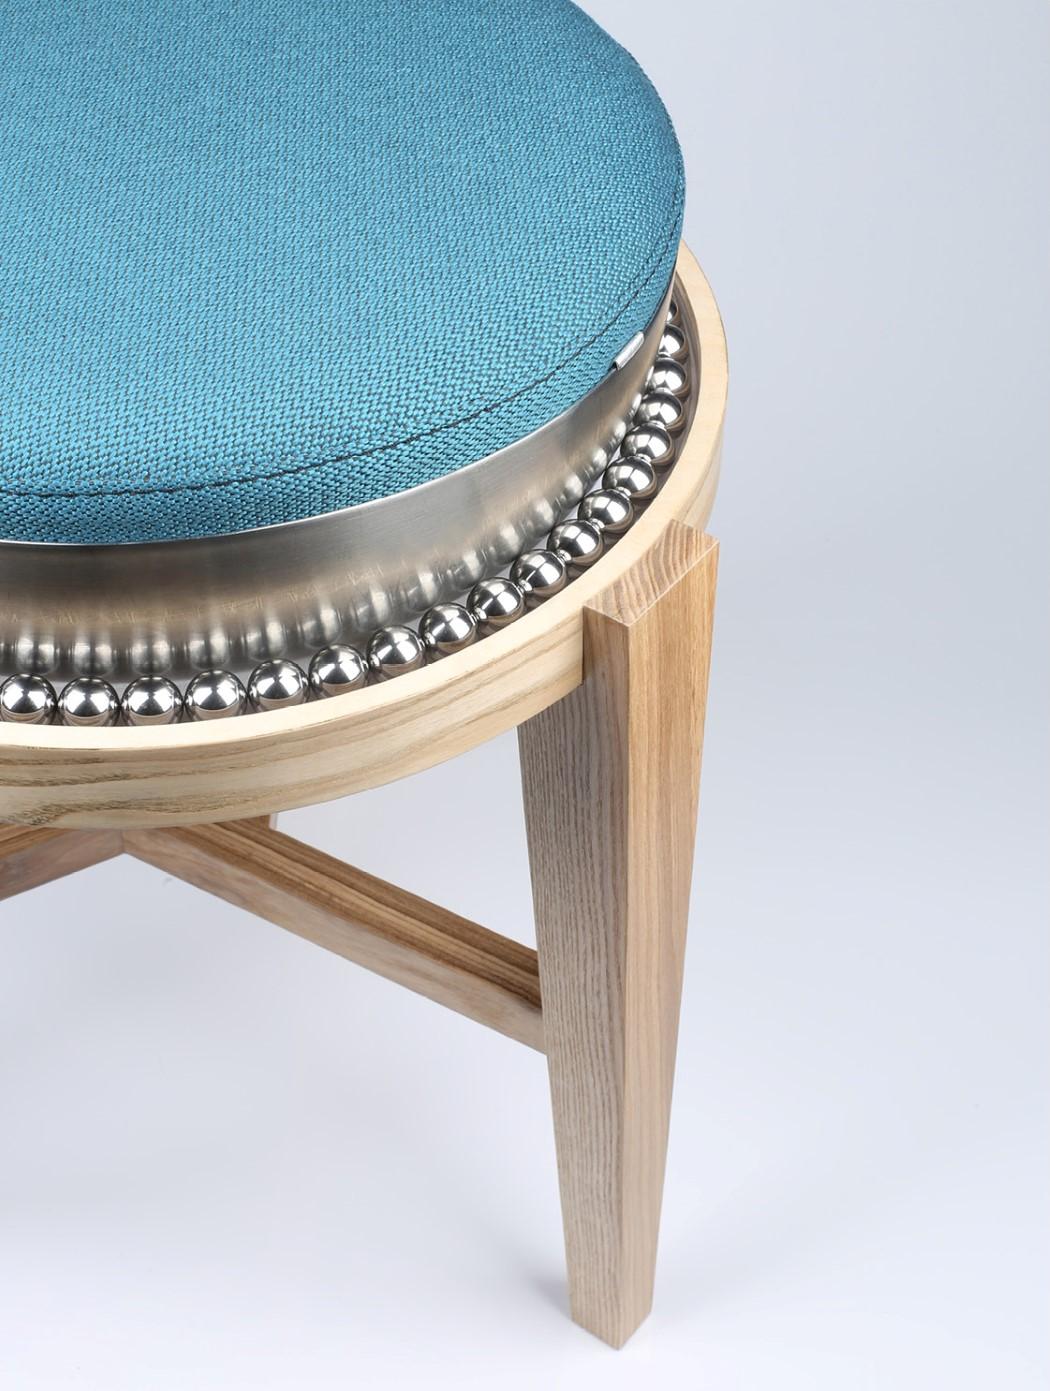 ovini-chair-noko-06.jpg